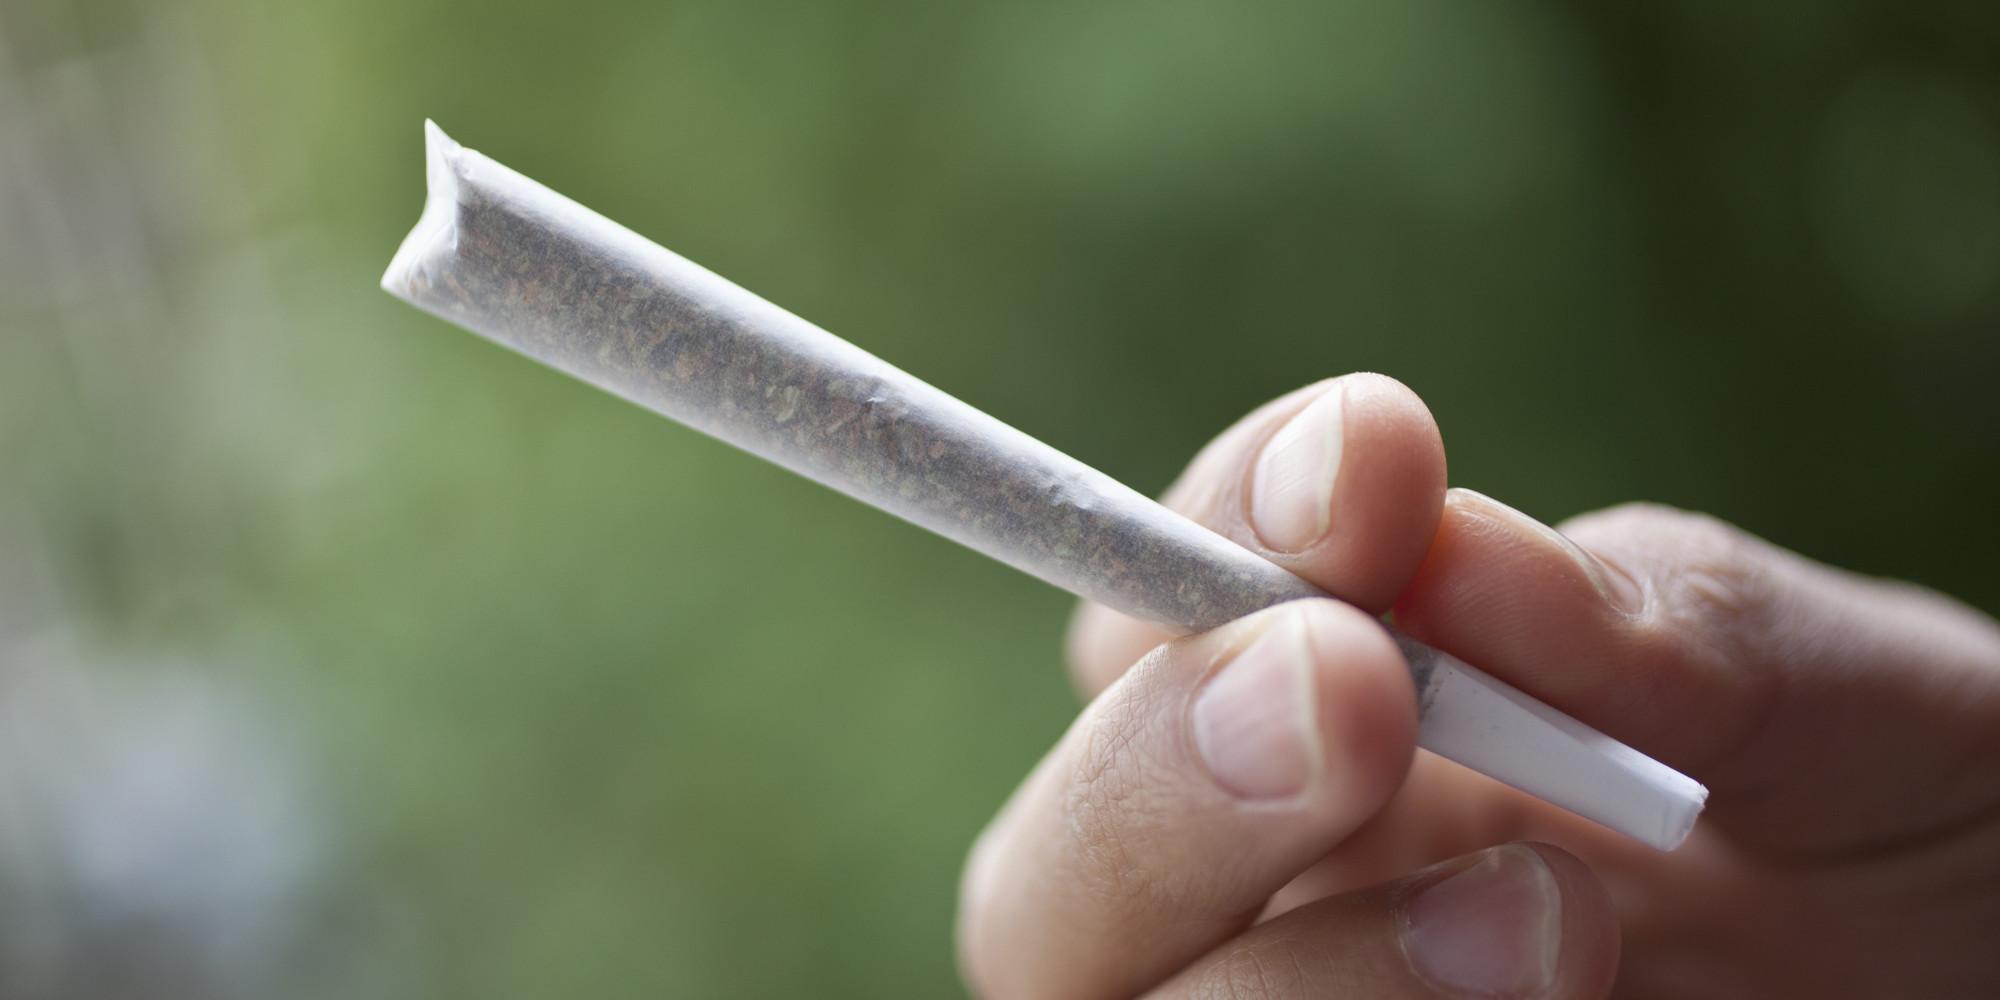 O peso é ganho depois deixou de fumar